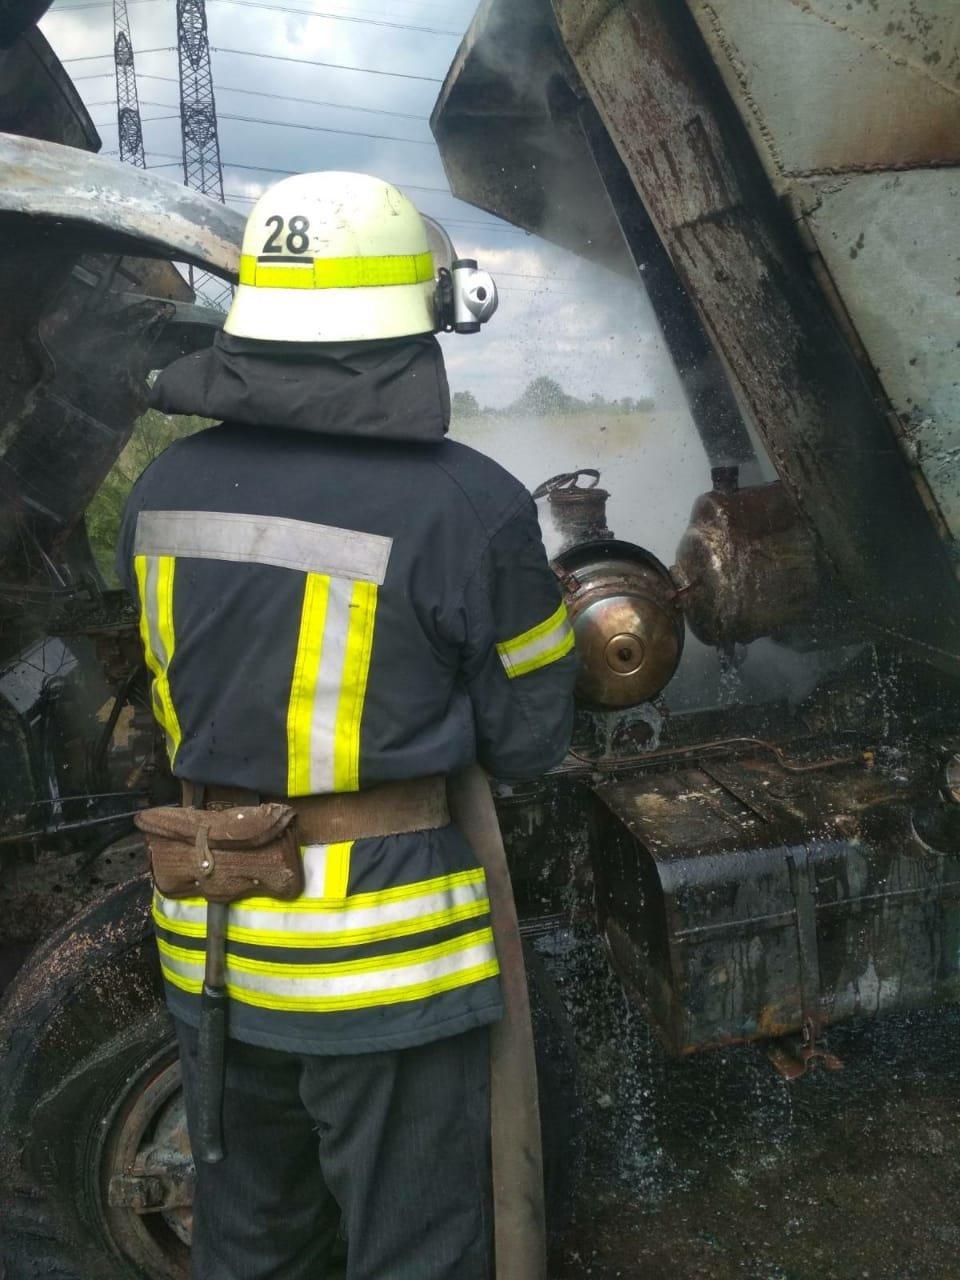 В Днепропетровской области на трассе во время движения загорелся грузовик, - ФОТО, фото-2